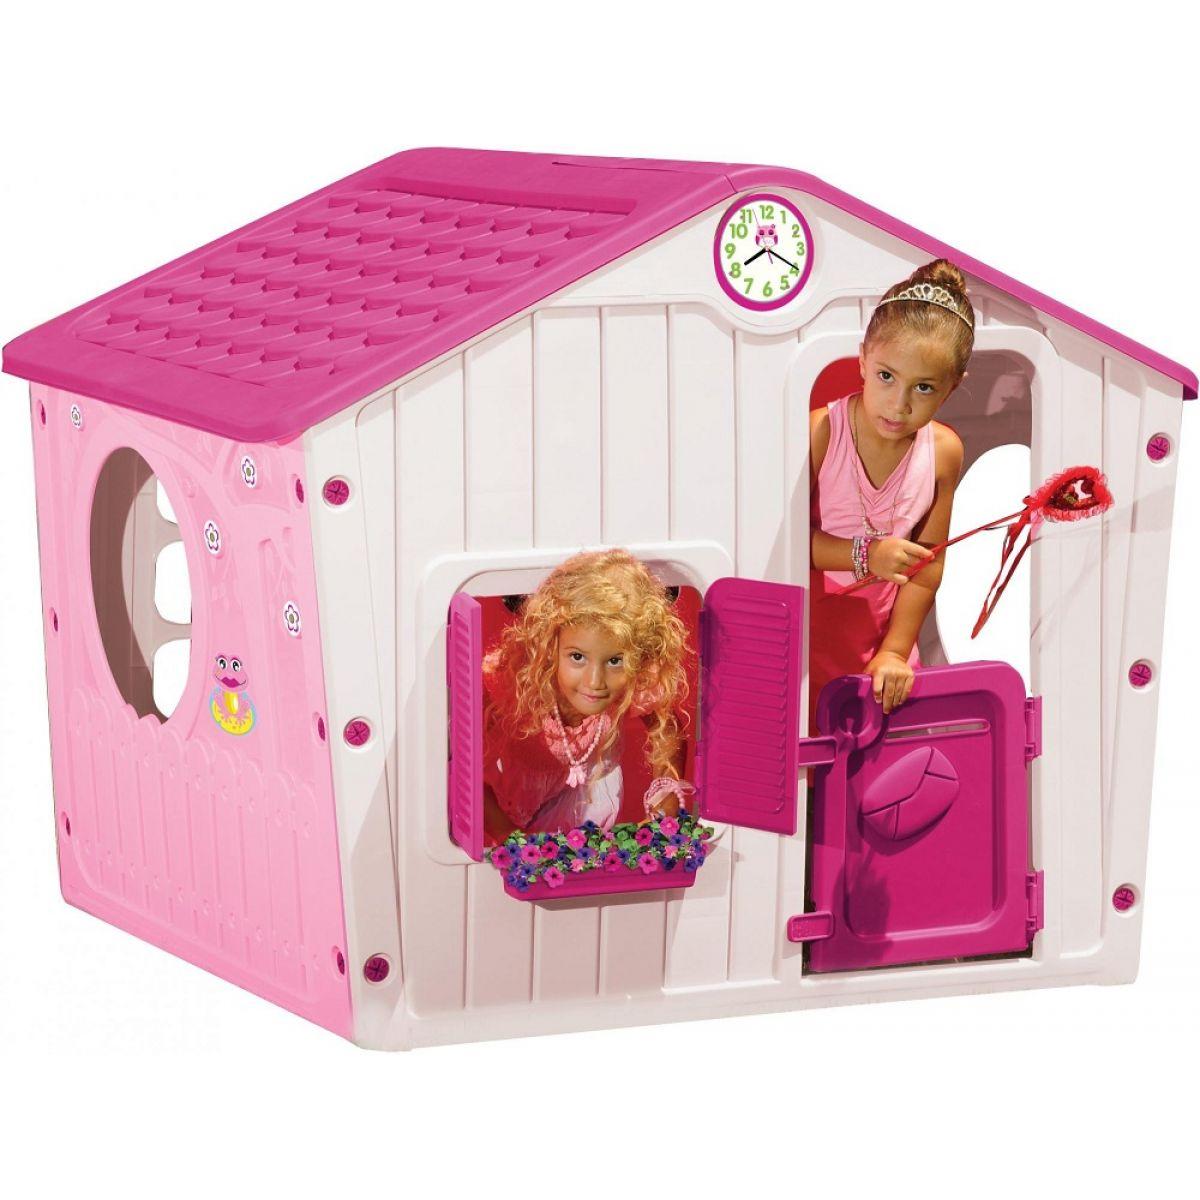 Buddy Toys Domeček Village růžový